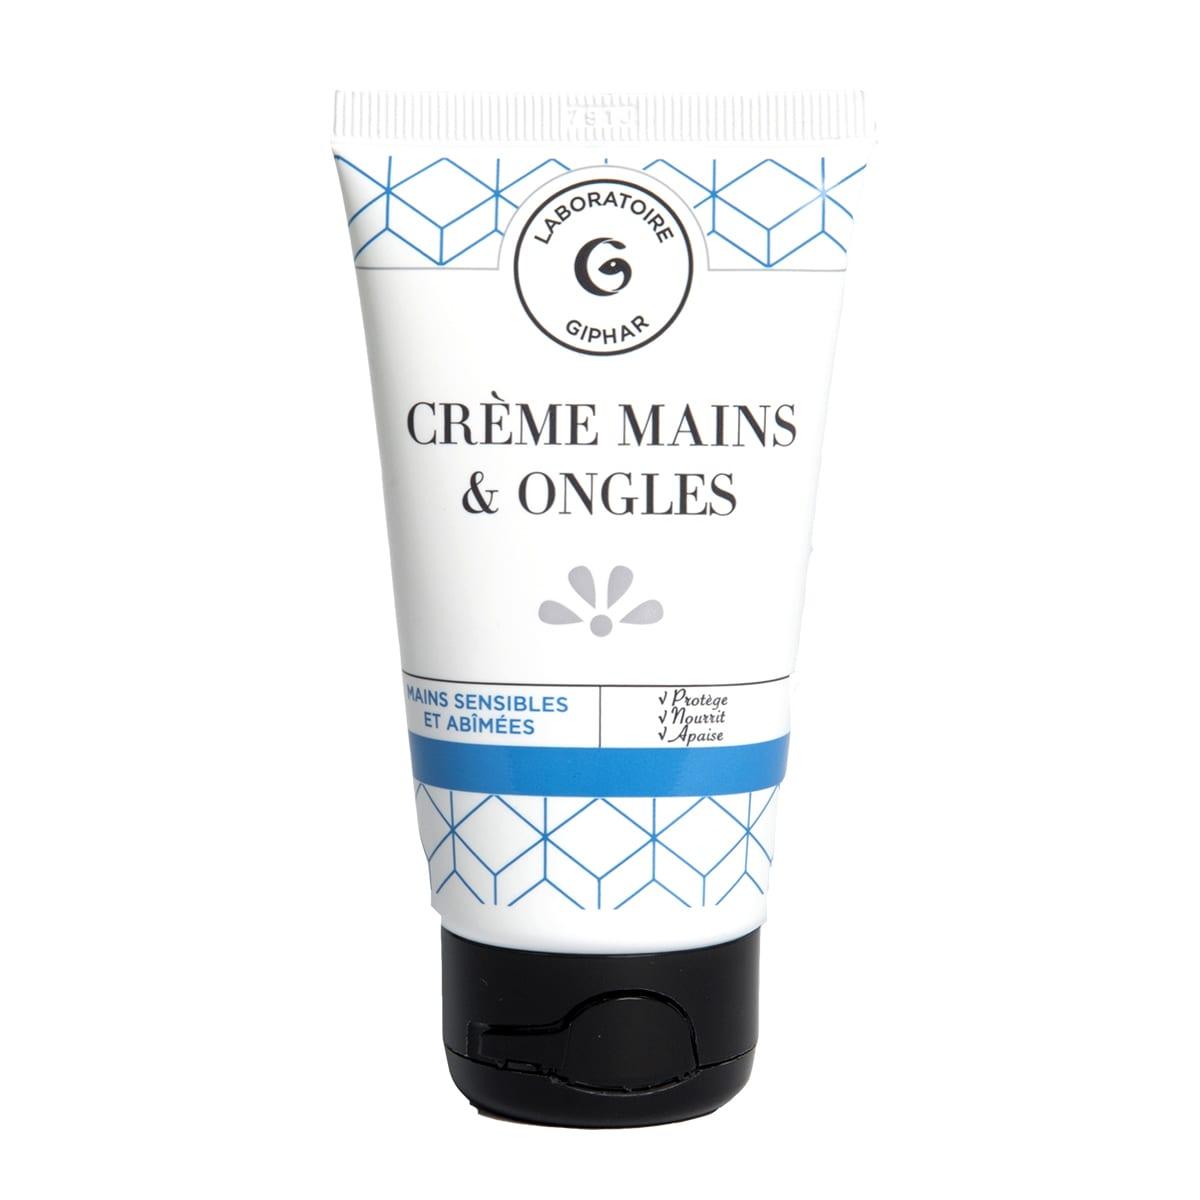 c88ef865a374 Ma crème pour les mains et ongles packaging. Premiers soins